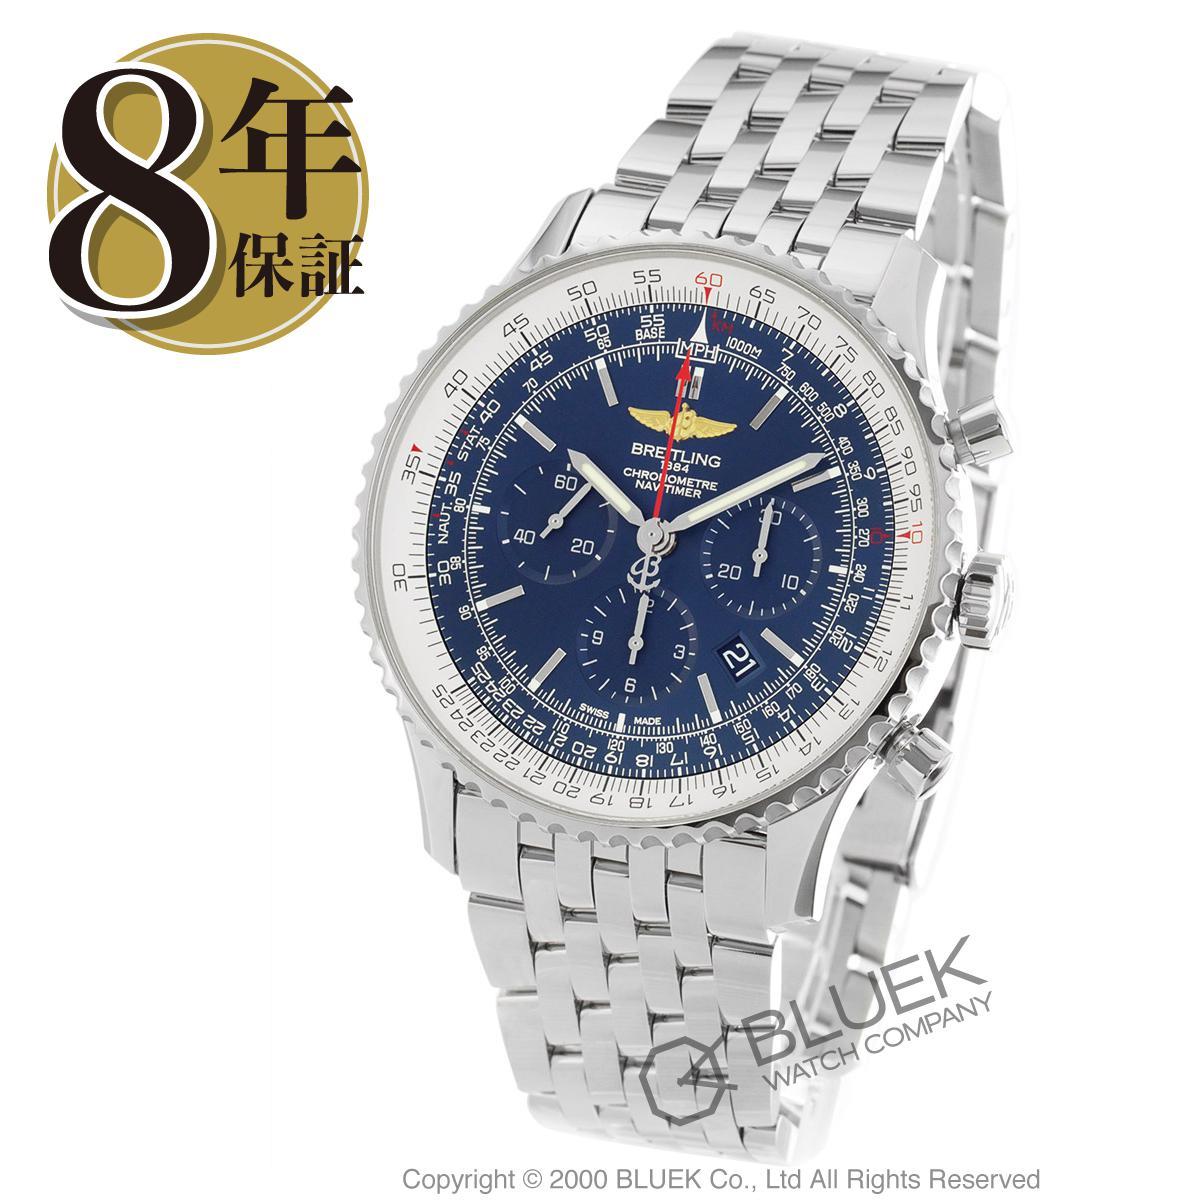 ブライトリング BREITLING 腕時計 ナビタイマー 01 メンズ A017C89NP_8